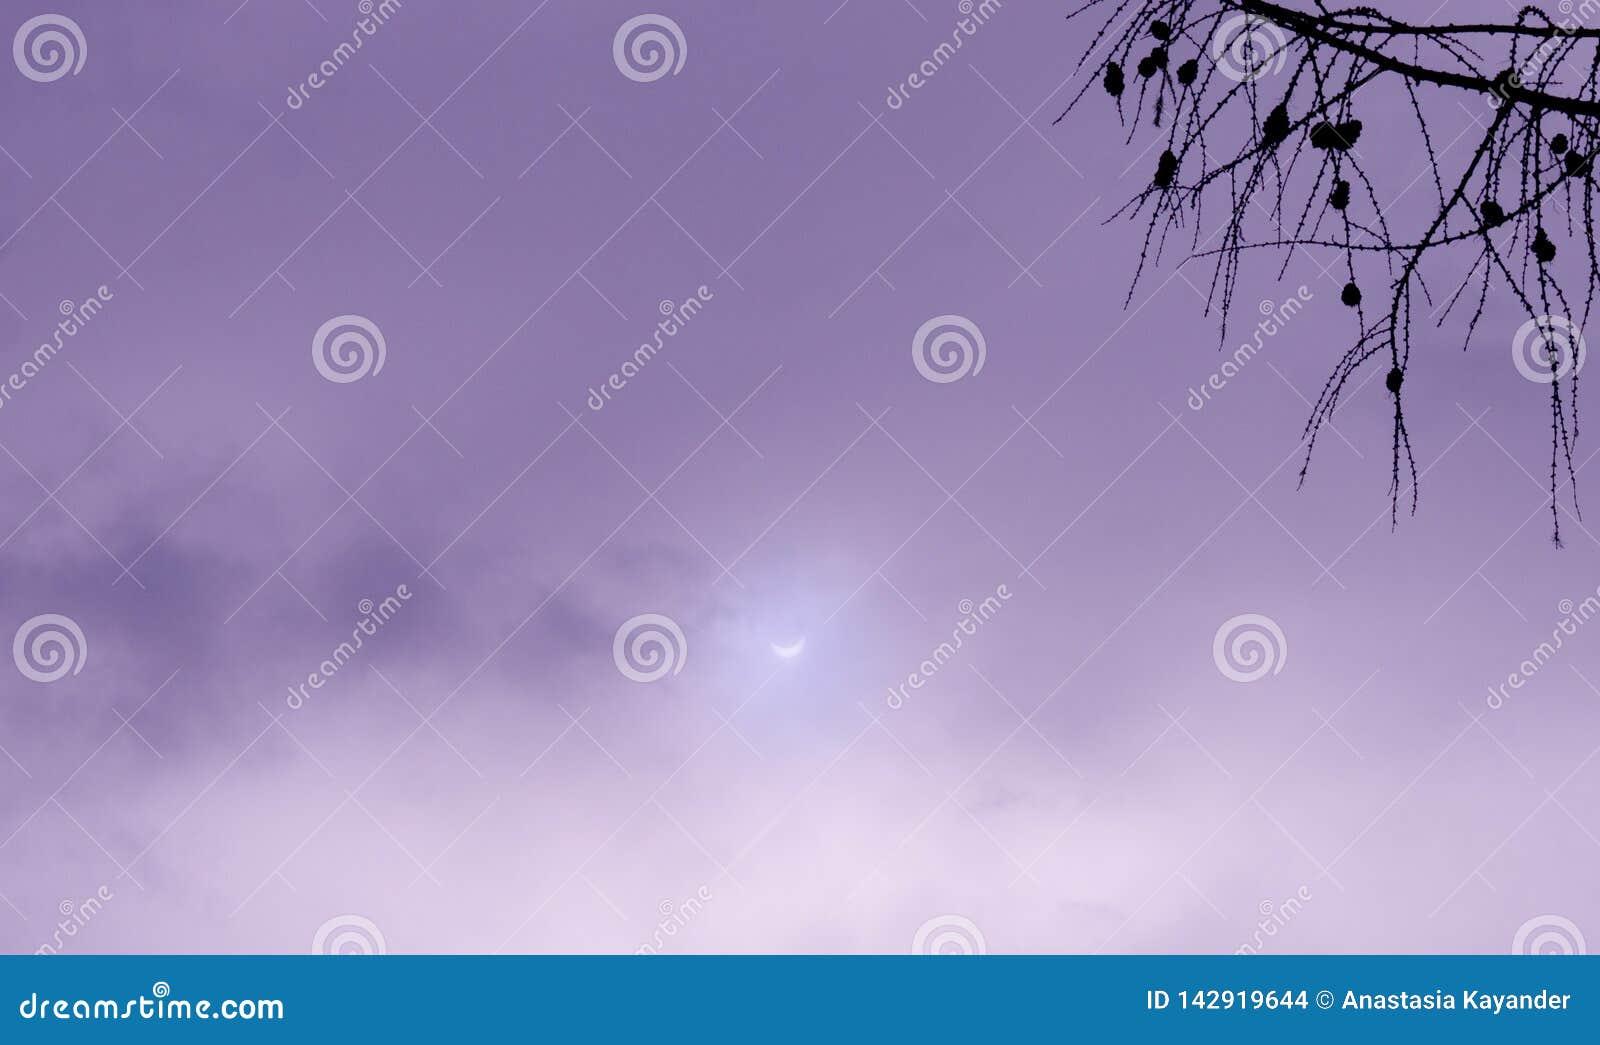 Vrai ciel violet de photo d éclipse solaire avec la branche